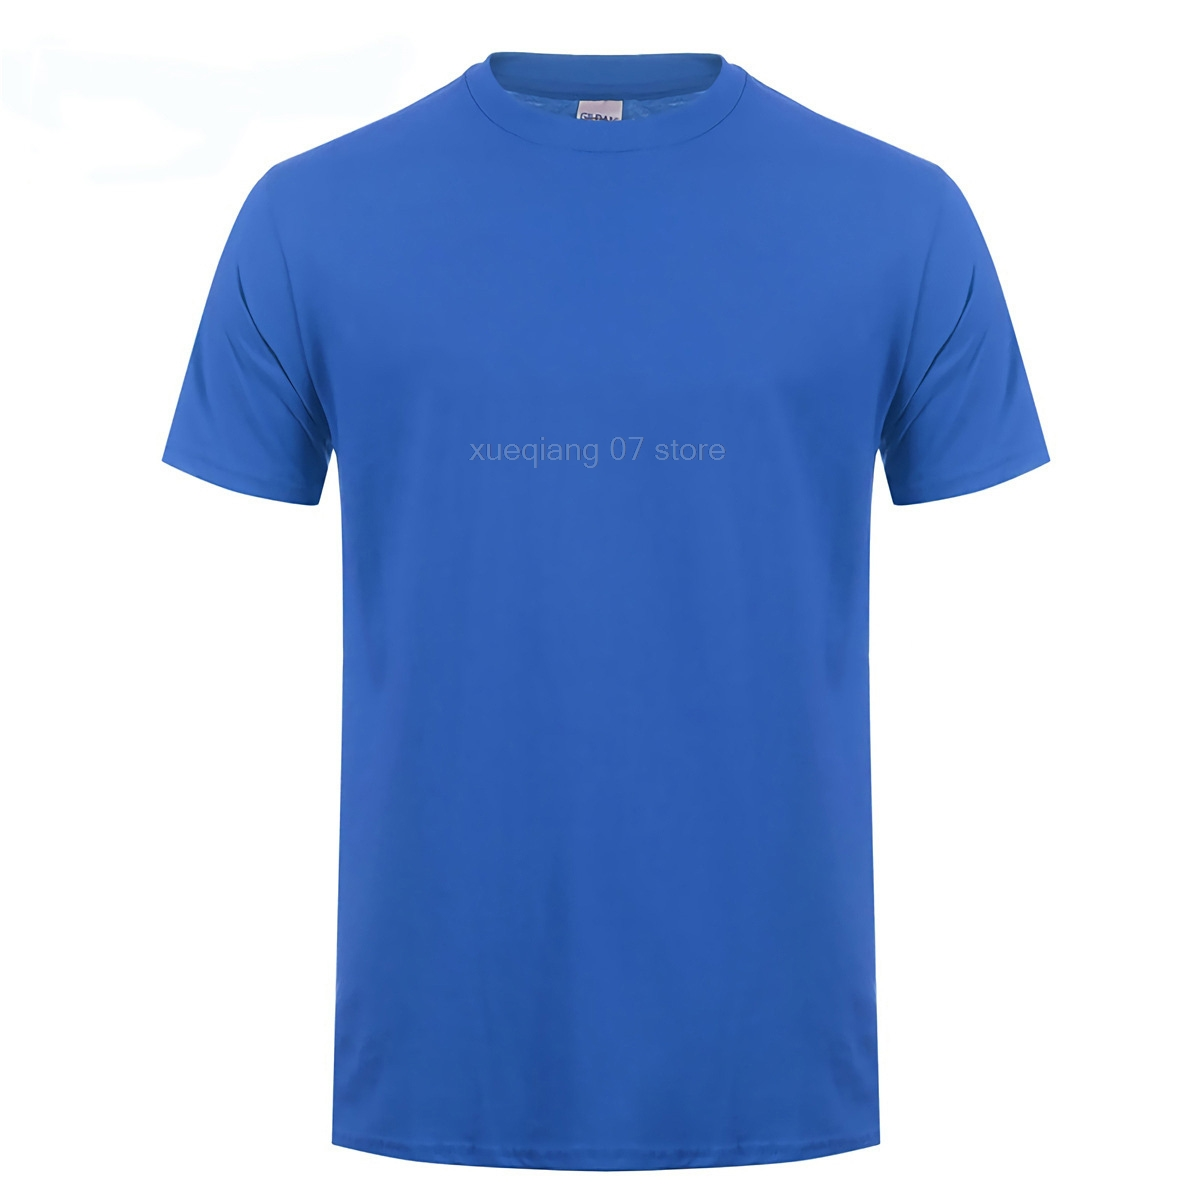 US $9 71 19% OFF|Maglietta degli uomini di Bowsette Bowser Mario  Principessa Peach Meme Scuro Bowsette Camicia Artsy Impressionante-in  T-Shirts from